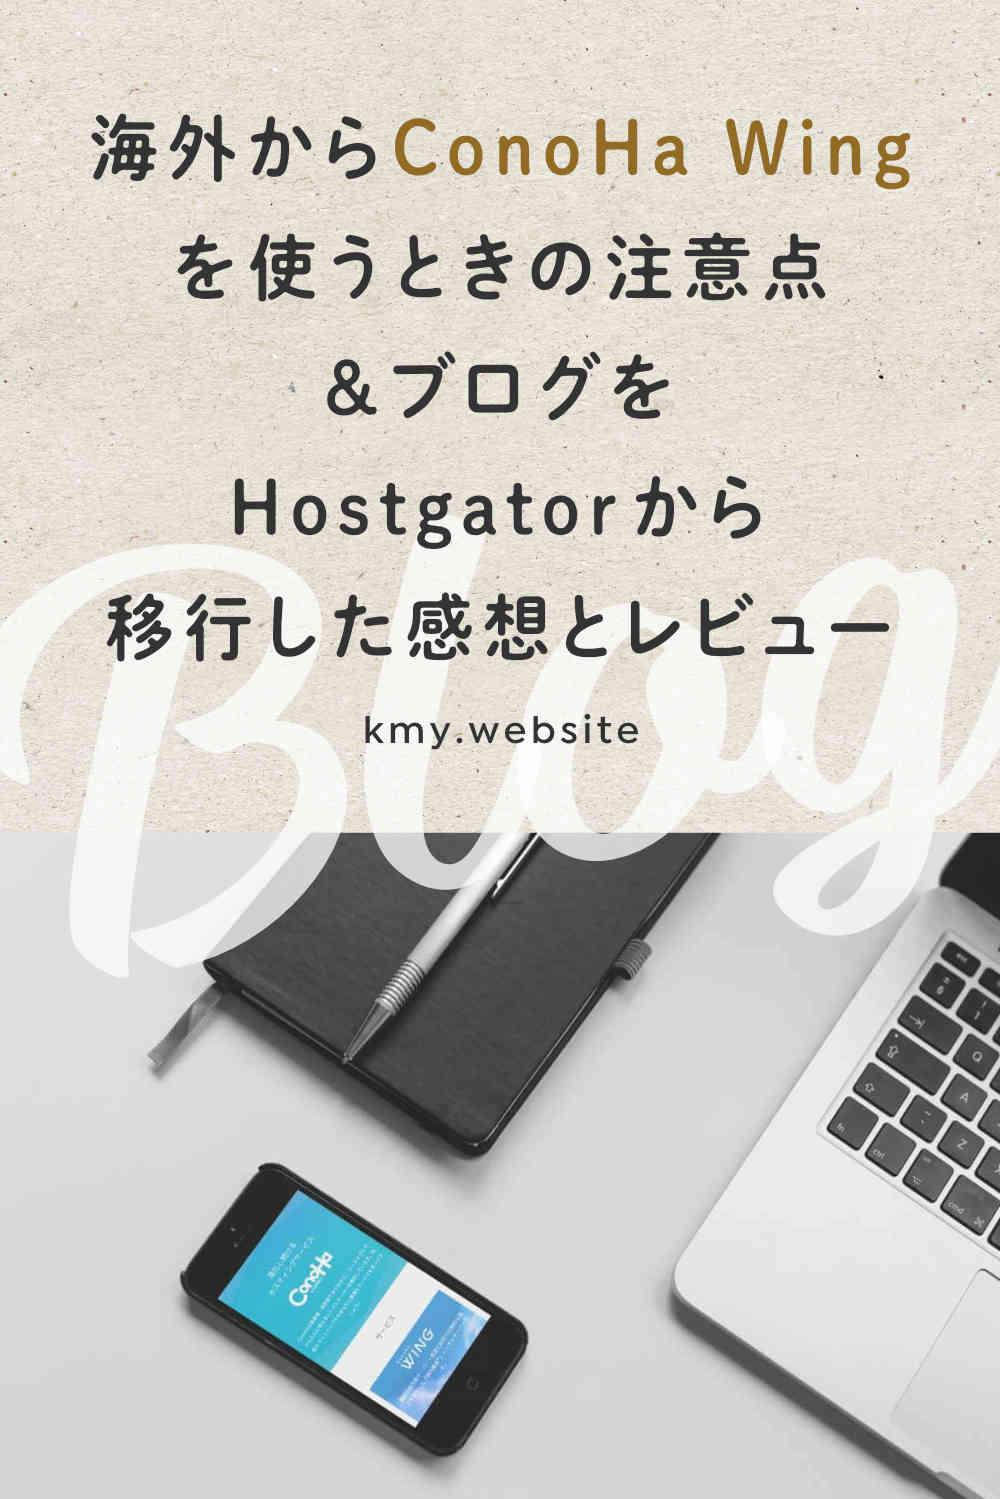 海外からConoHa Wingを使うときの注意点&ブログをHostgatorから移行した感想レビュー